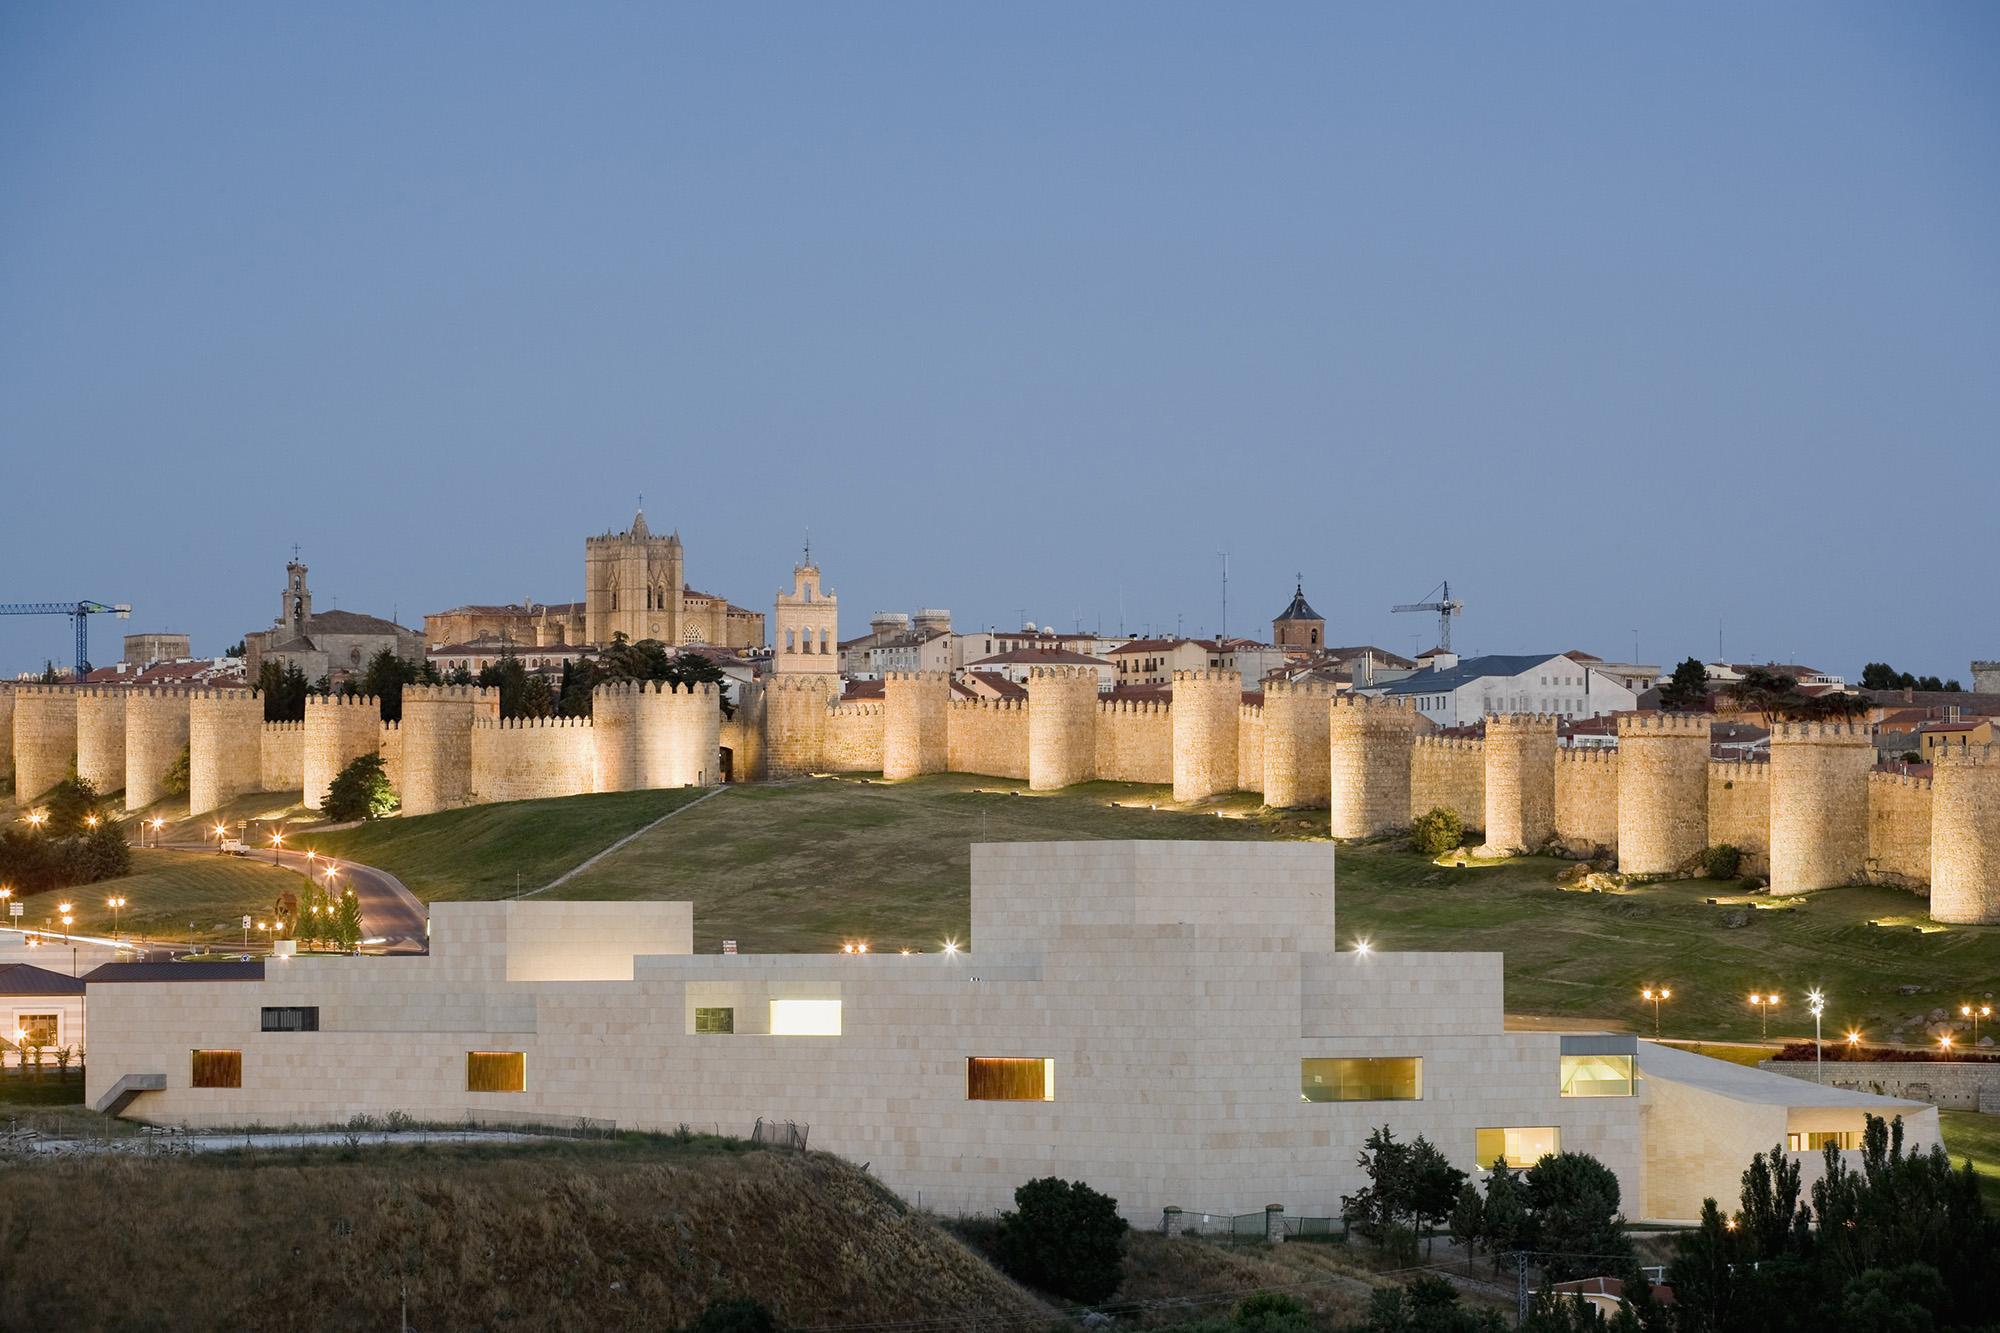 Lienzo Norte, Centro de Congresos y Exposiciones de Ávila. 2001–2009. Foto: Pedro Pegenaute